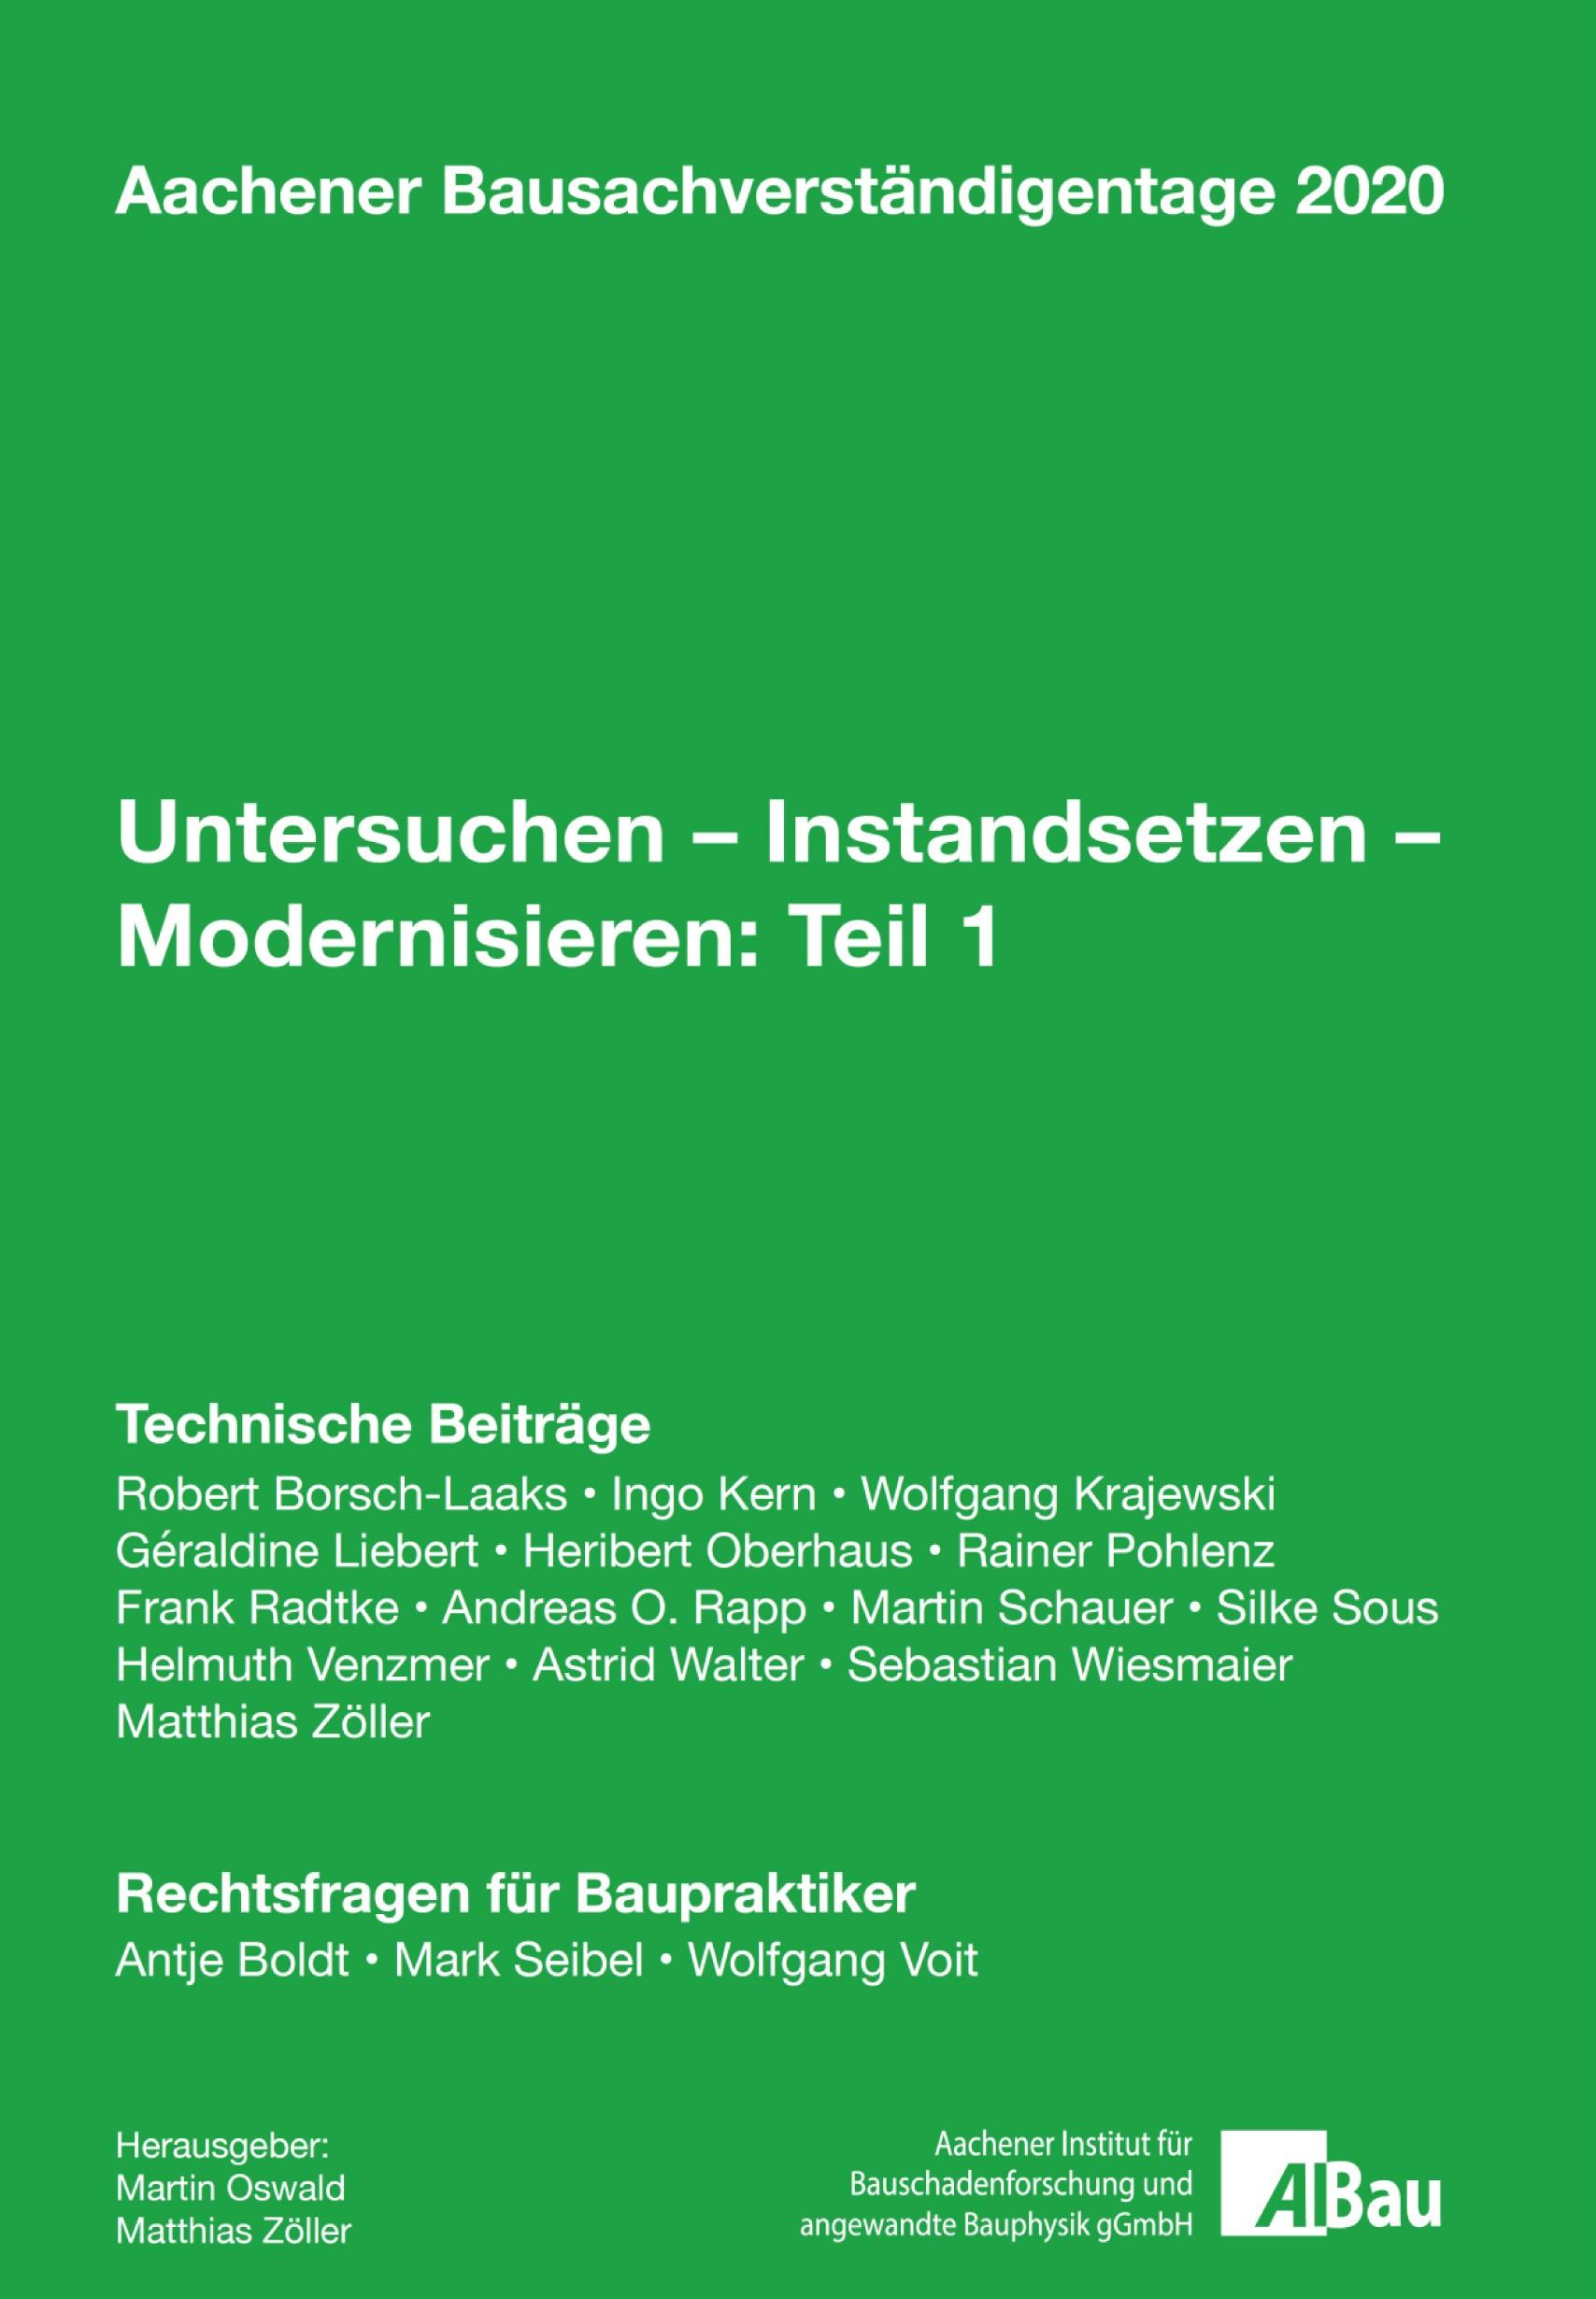 Untersuchen – Instandsetzen – Modernisieren: Teil 1